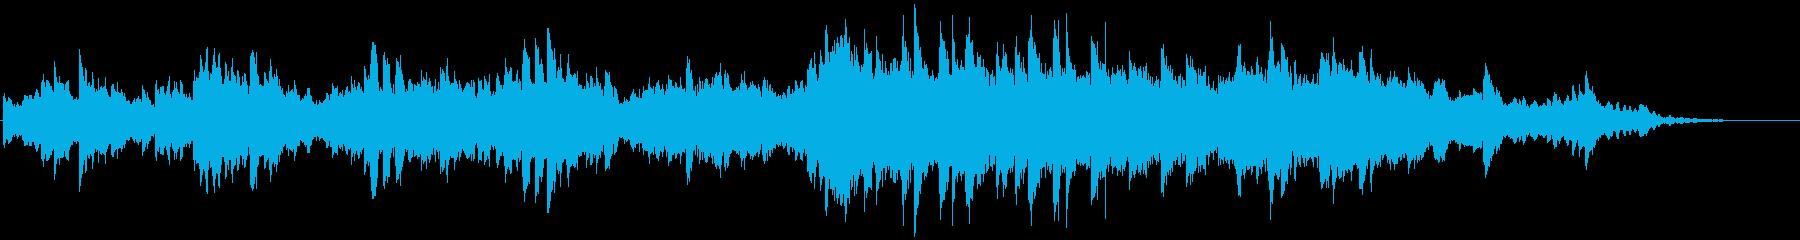 ストリングス・ピアノ・感動・優しいの再生済みの波形